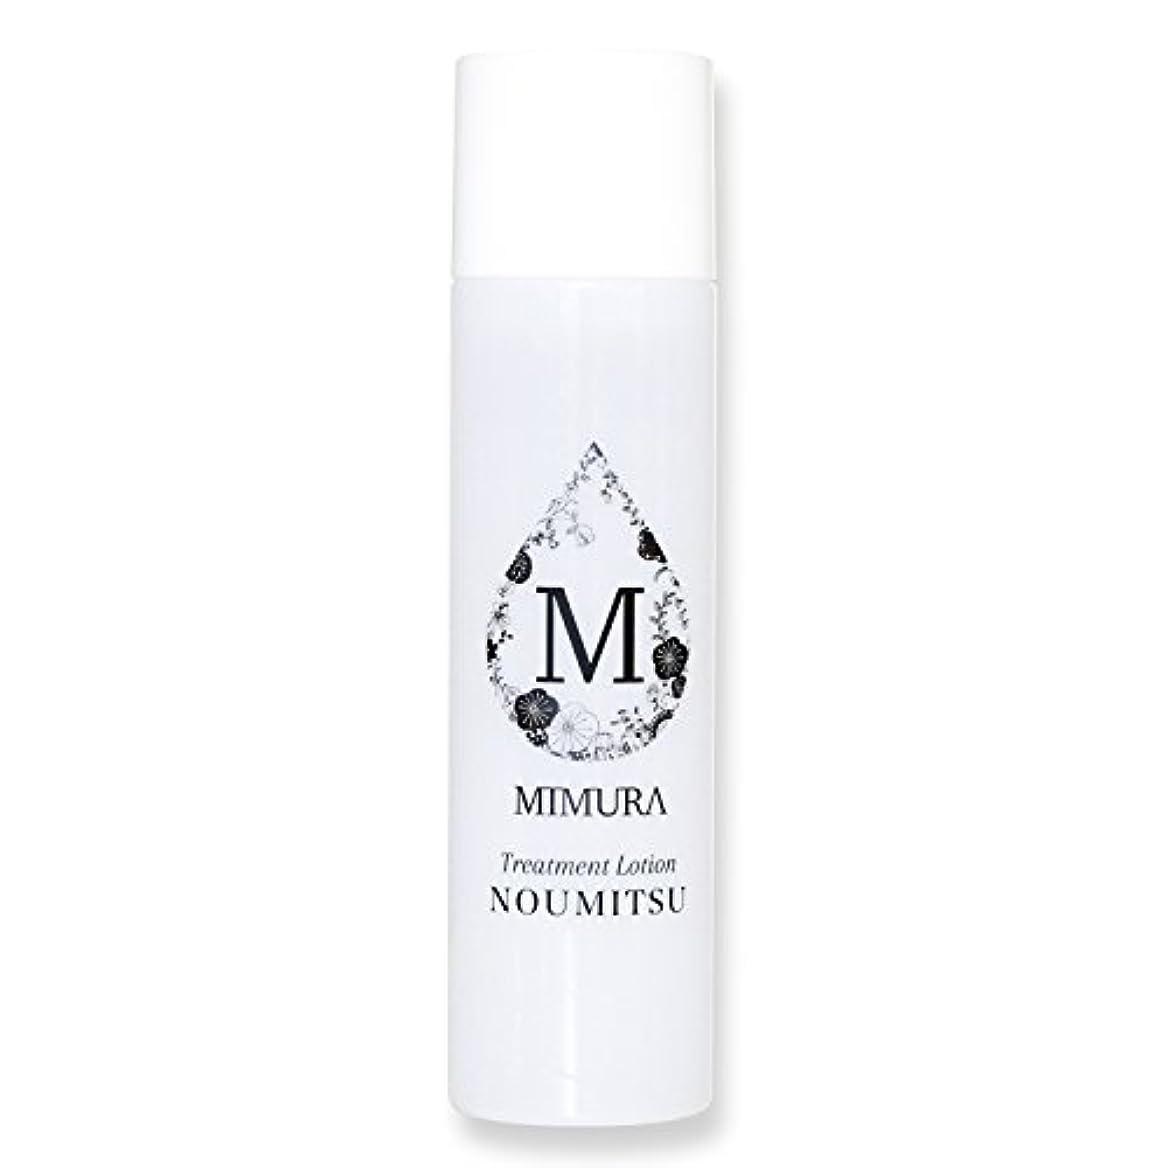 不機嫌そうなスポンサー見積り化粧水 乾燥肌 うるおい 送料無料 ミムラ トリートメントローション NOUMITSU MIMURA 日本製